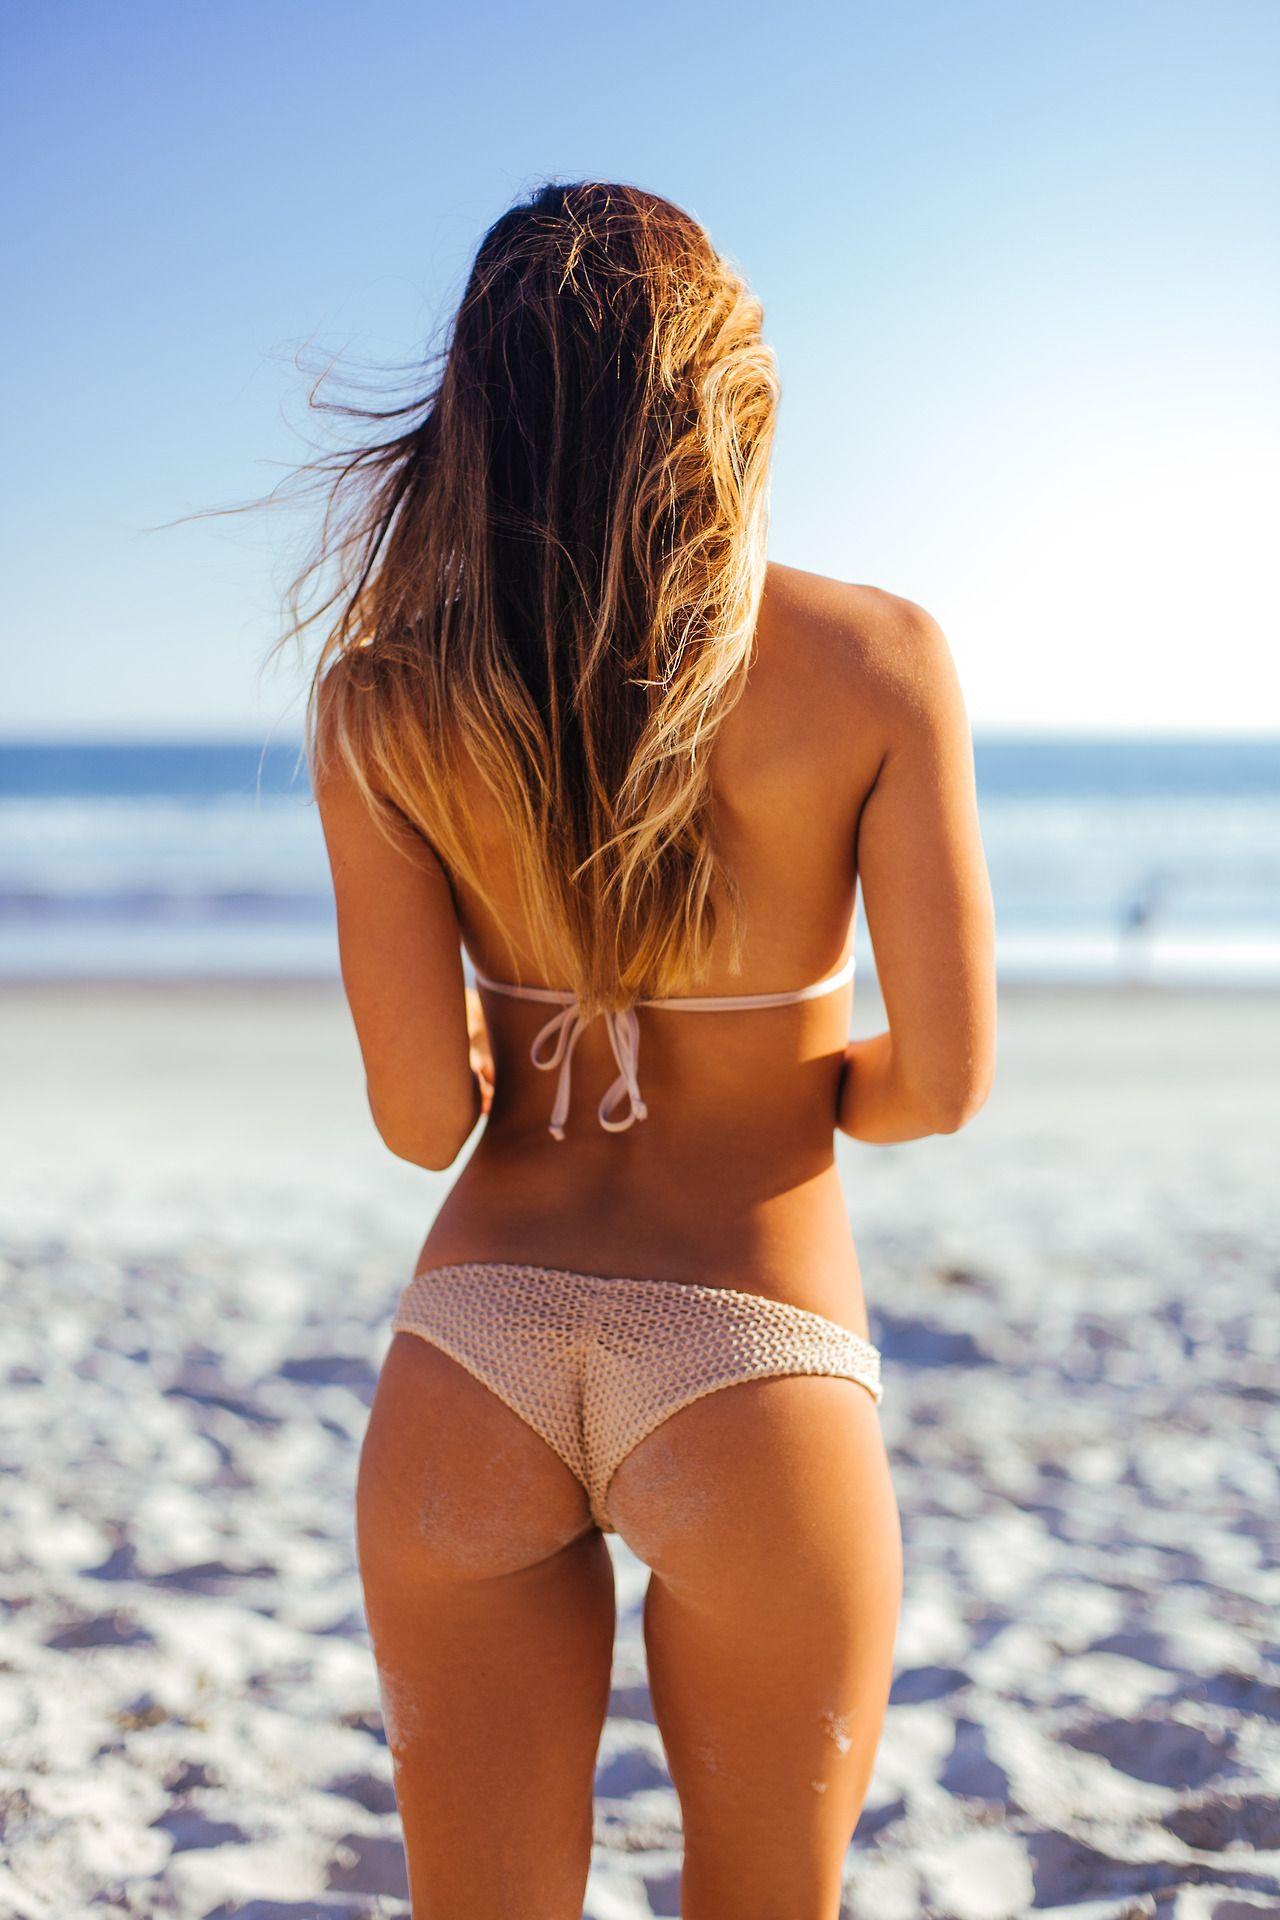 Just bikini woman